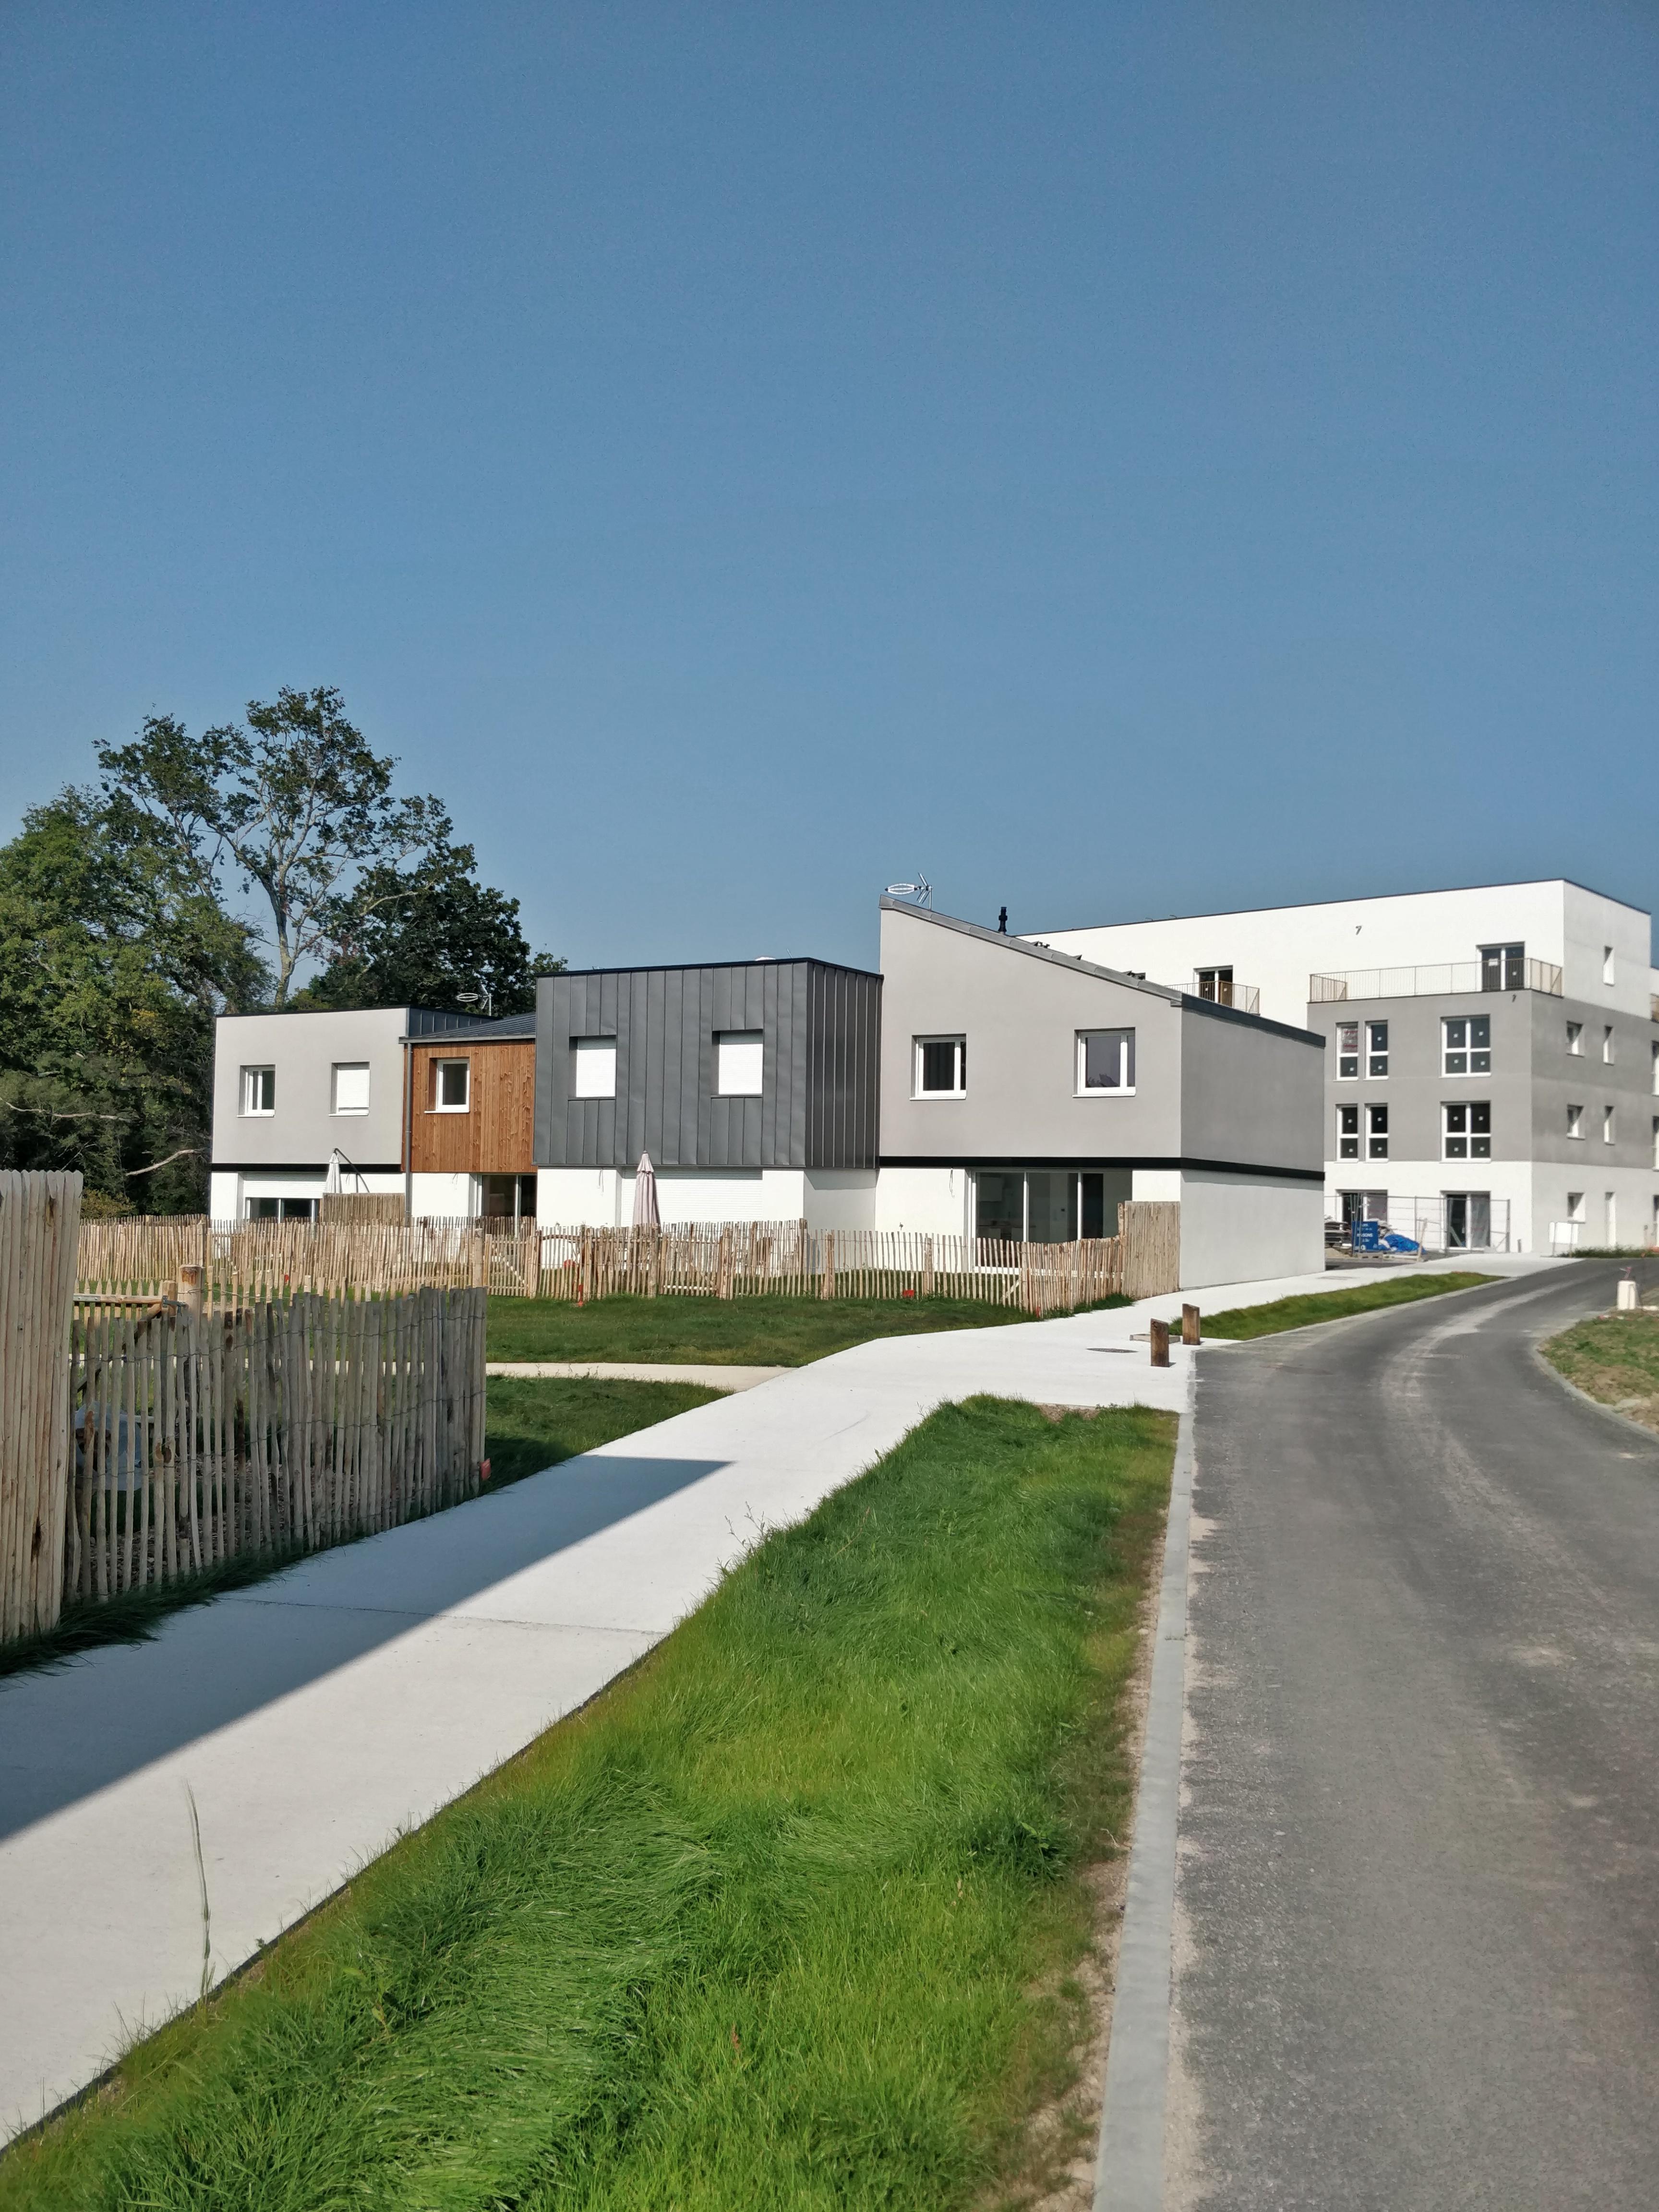 Août 2021: l'Eco-quartier 'Beaupré-Lalande' à Vannes (56) sort de terre!